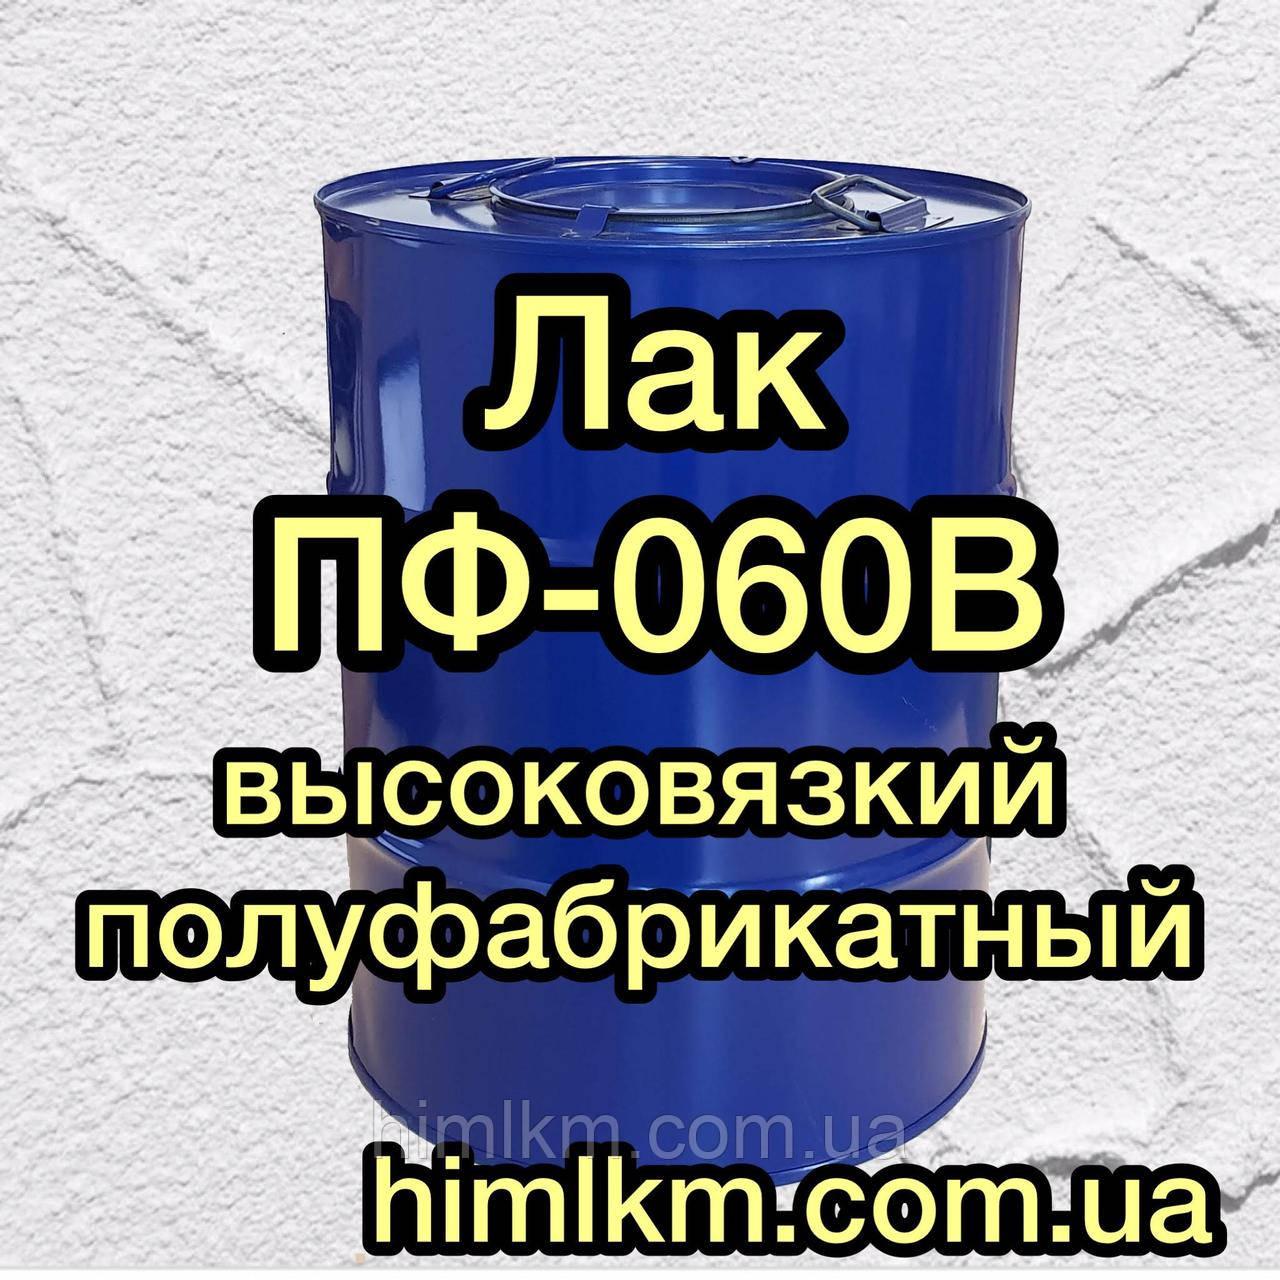 Лак полуфабрикатный ПФ-060В (высоковязкий) для применения лакокрасочных материалов, 45кг